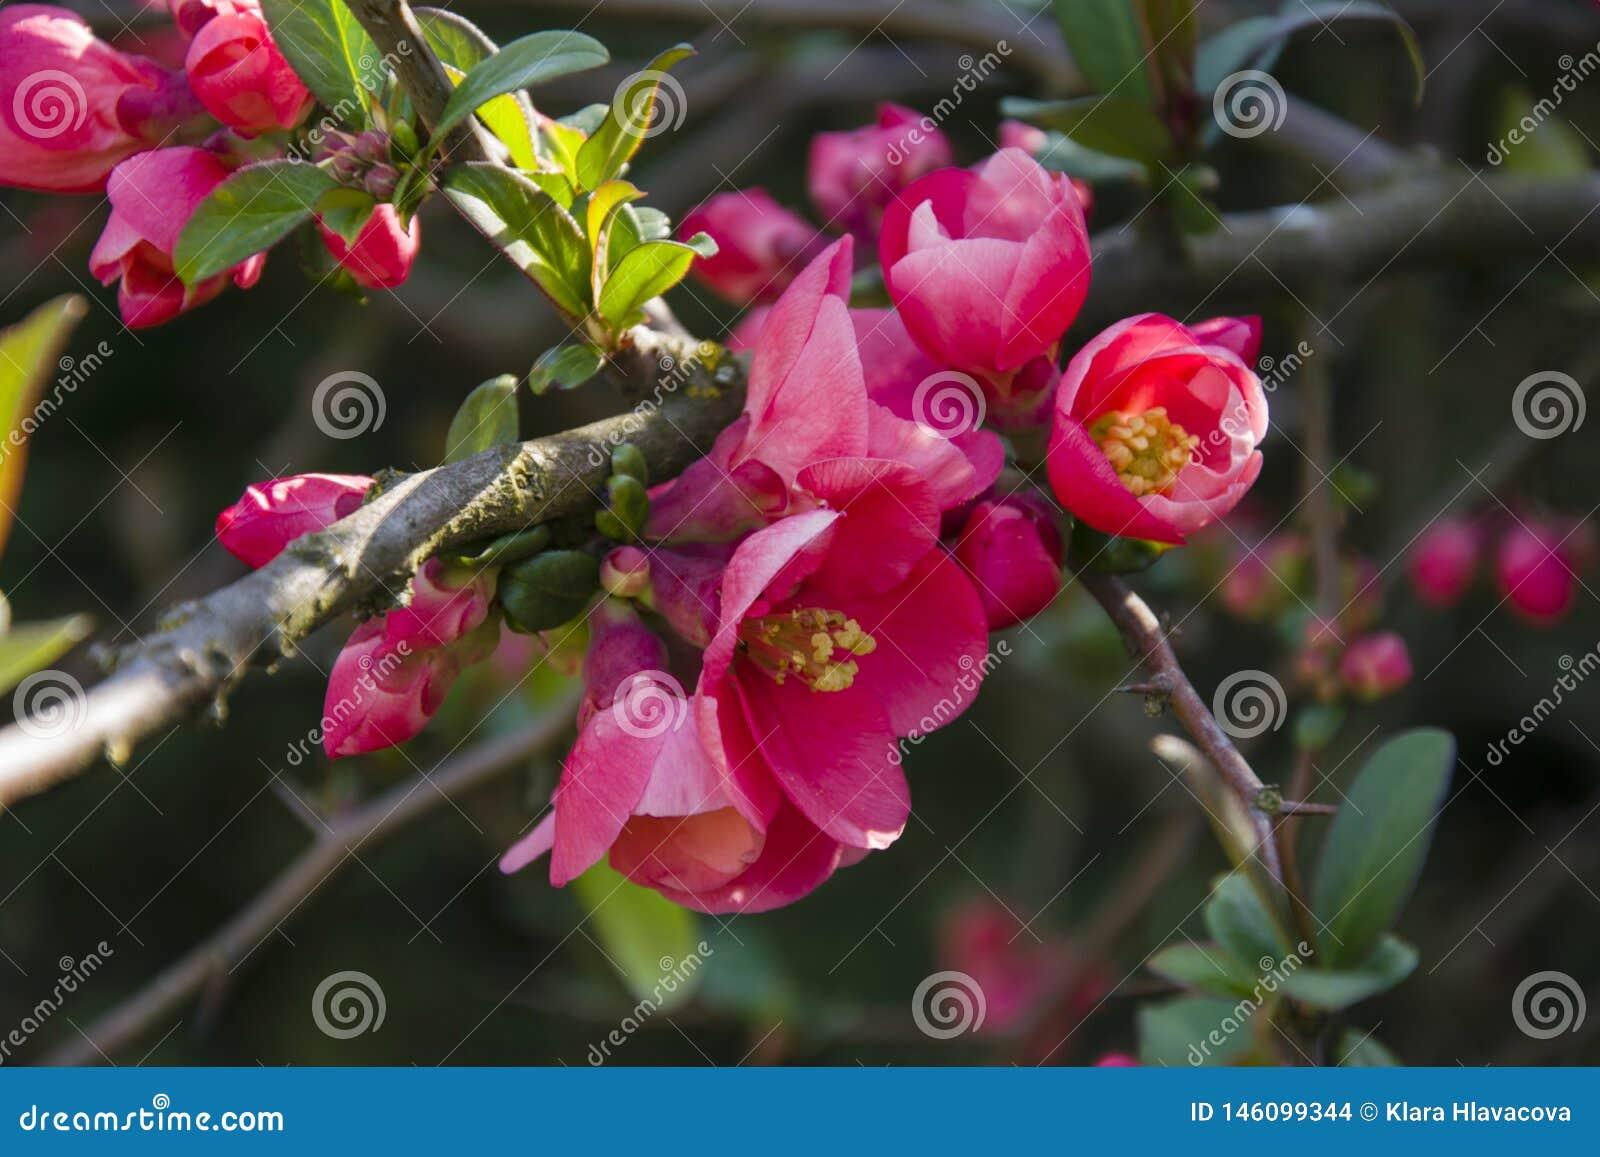 Het bosje van Cydoniaoblonga bloeit knoppen op een takje